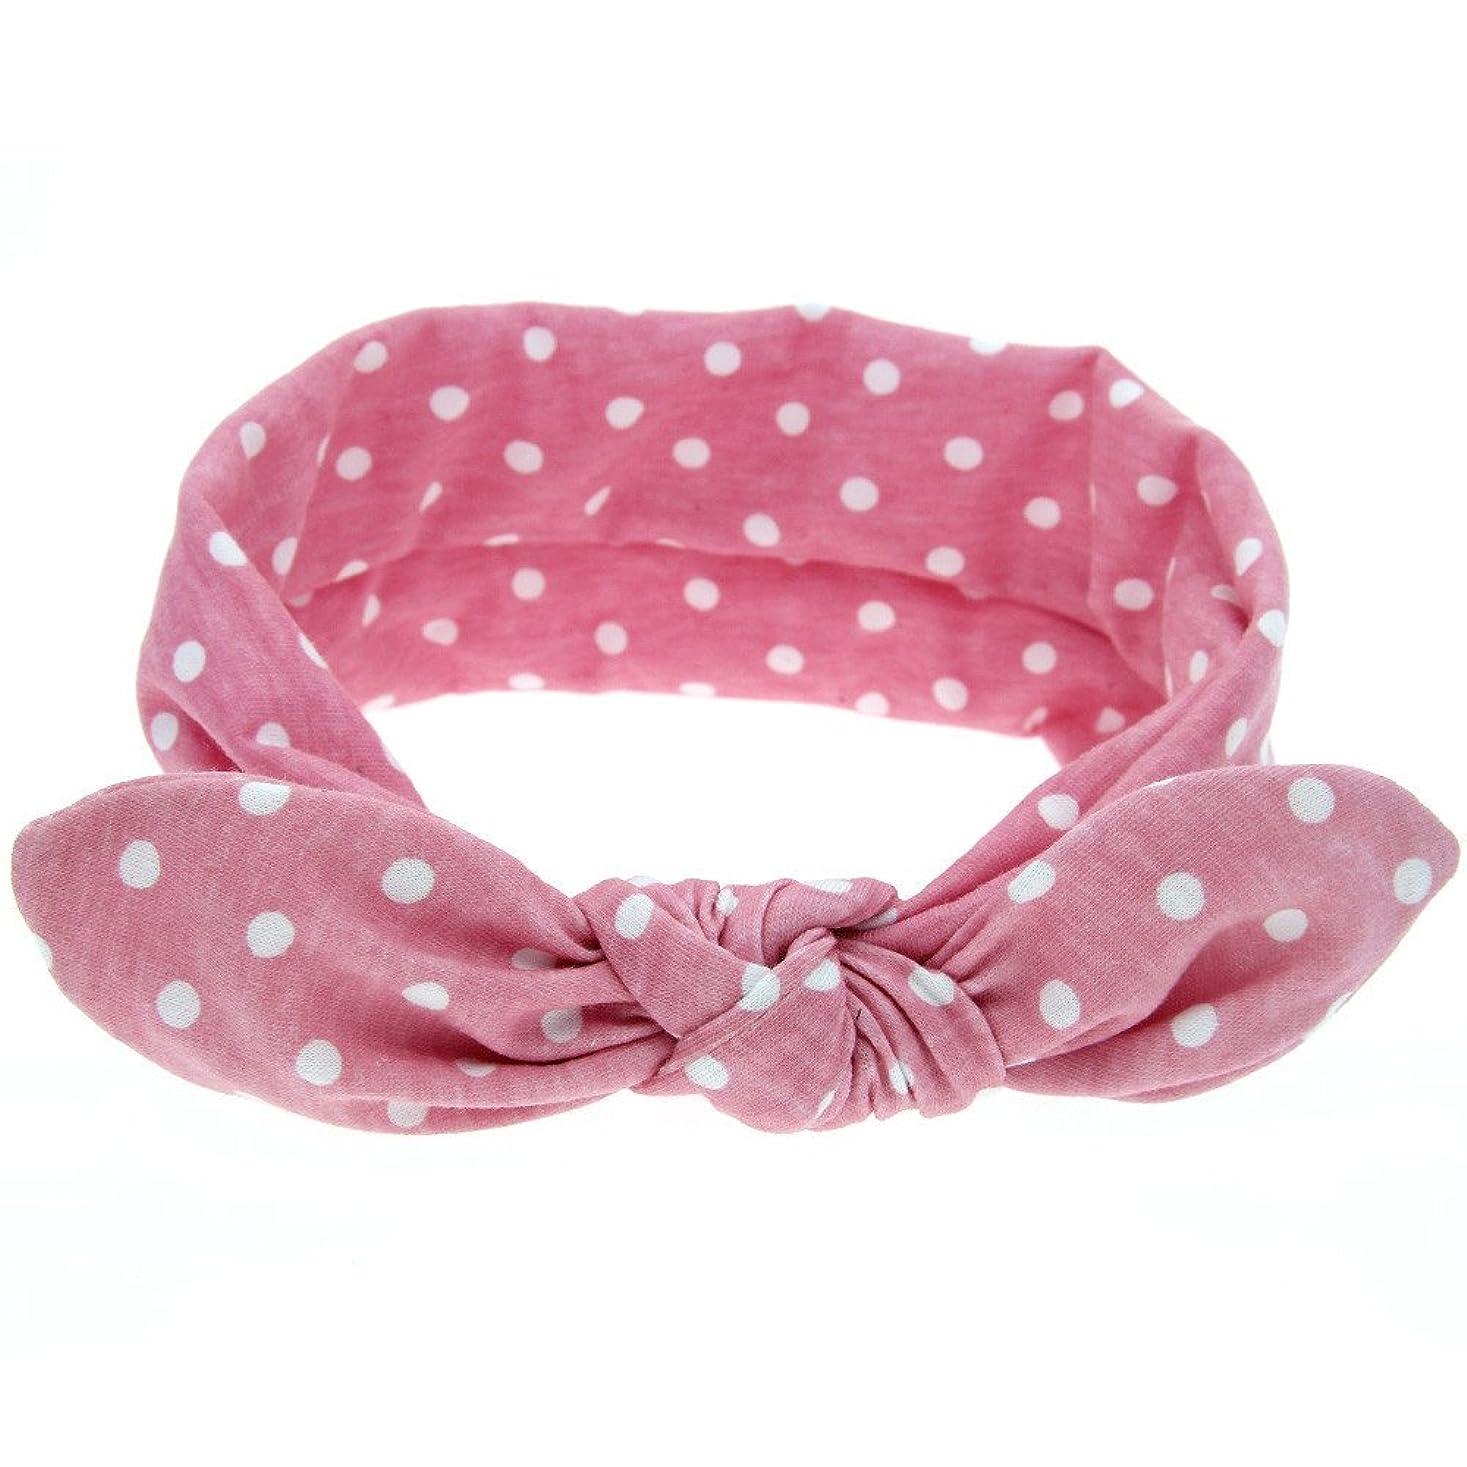 発動機評決メディアYOKINO 女性 女子 赤ちゃん ヘアバンド ウサギの模様 洗濯可能 旅行、機内、運動 薄い 軽量 柔らか可愛い ウサギのヘッドバンド (ピンク)